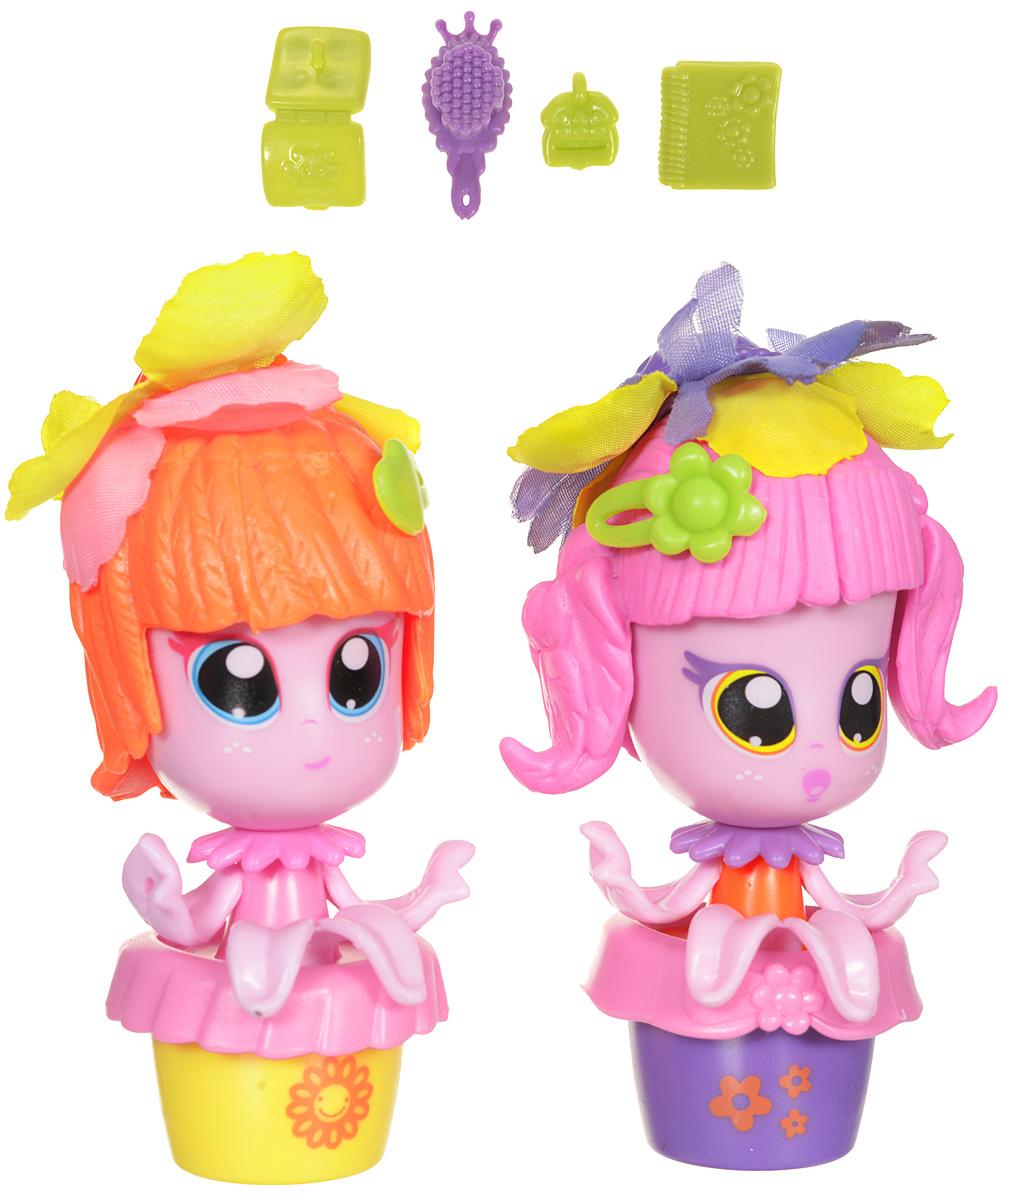 Daisy Игровой набор с мини-куклами Цветочек цвет розовый оранжевый 2 шт куклы hasbro эг мини игровой набор мини кукол в аст